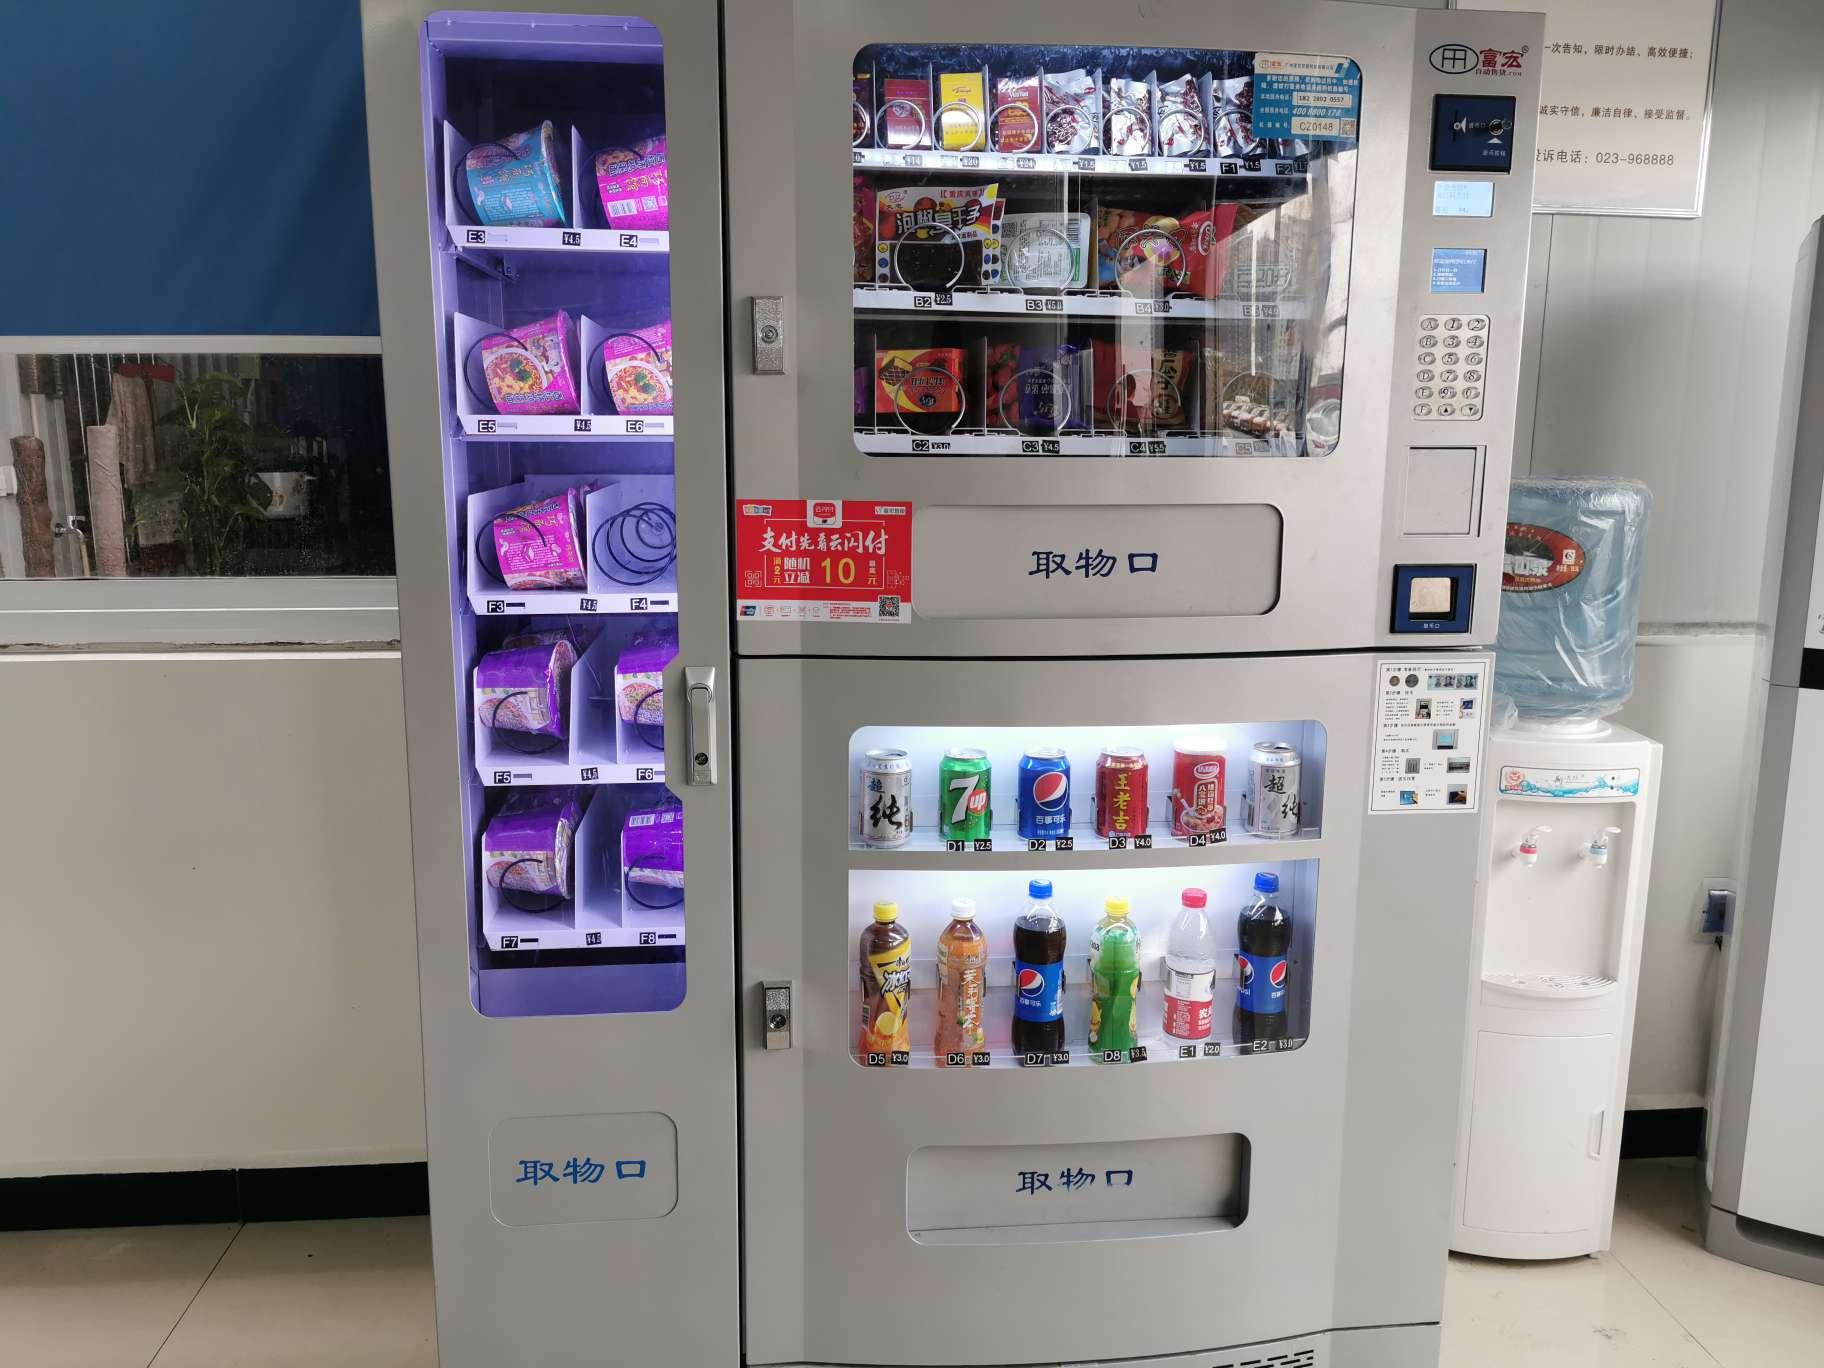 自动售货机,自助售卖机,自动售卖机,无人售货机,智能售卖机,